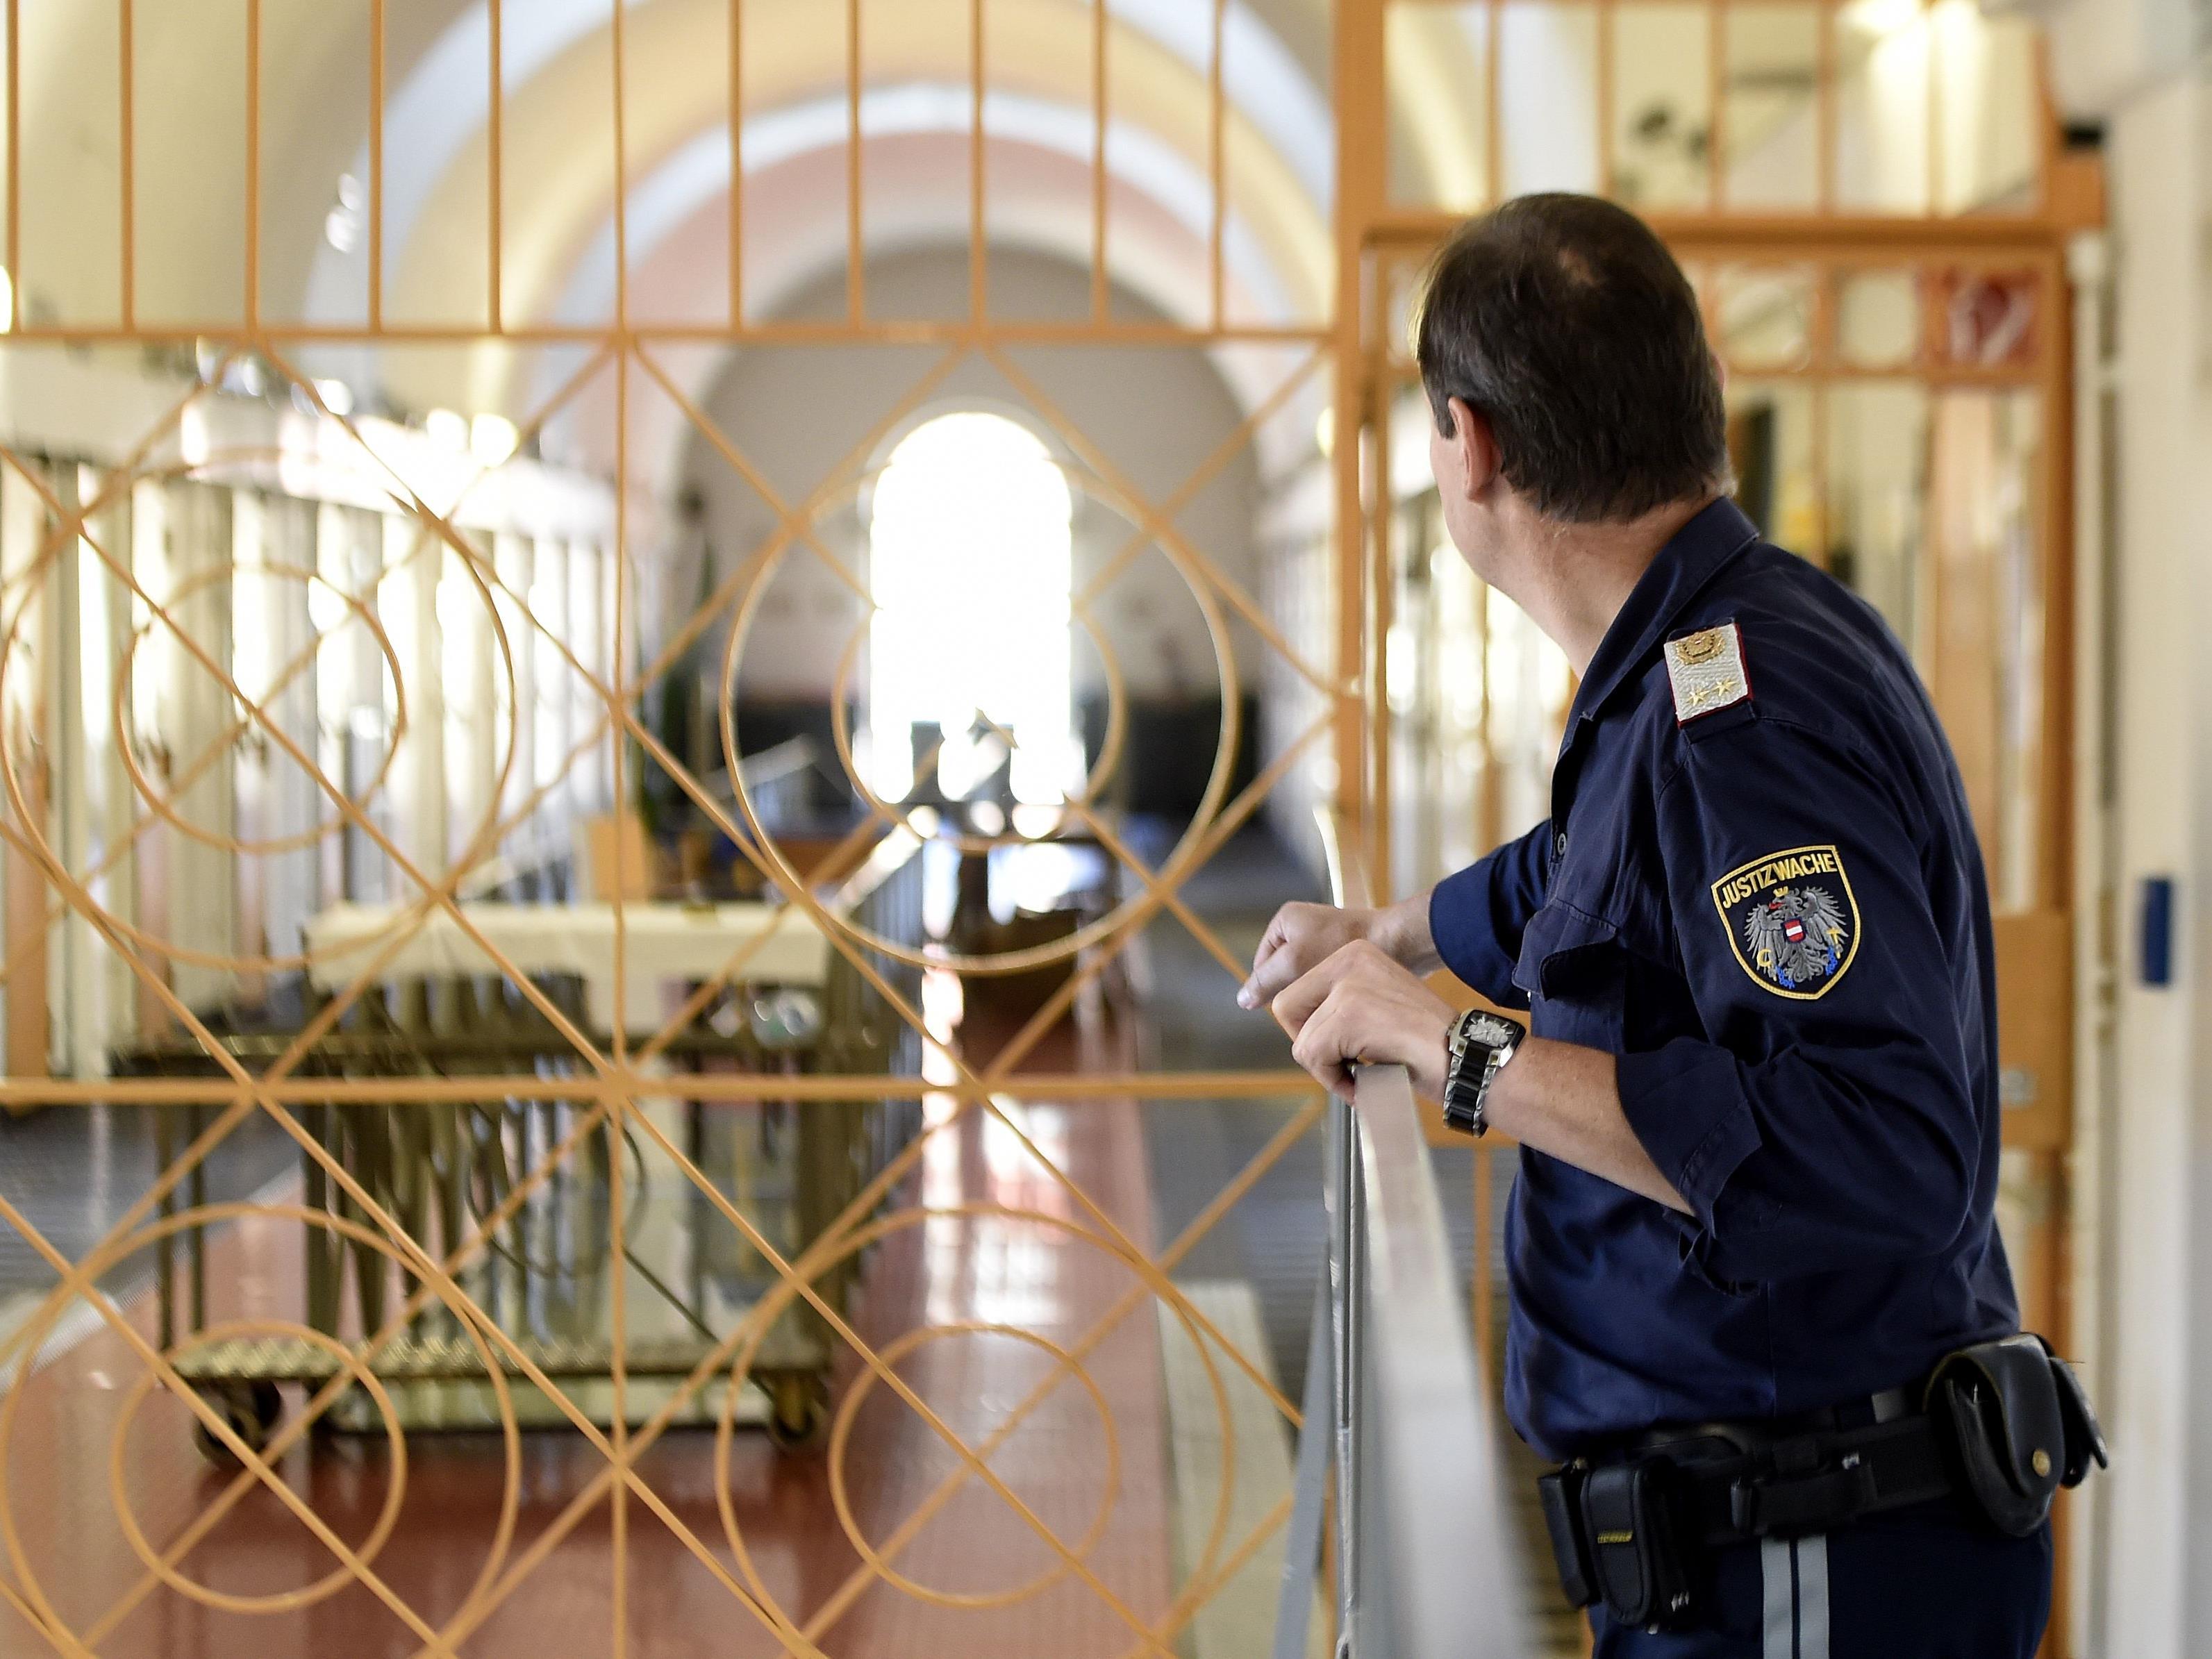 Eine 15-Jährige wurde bei einem Einbruch in Wien verhaftet